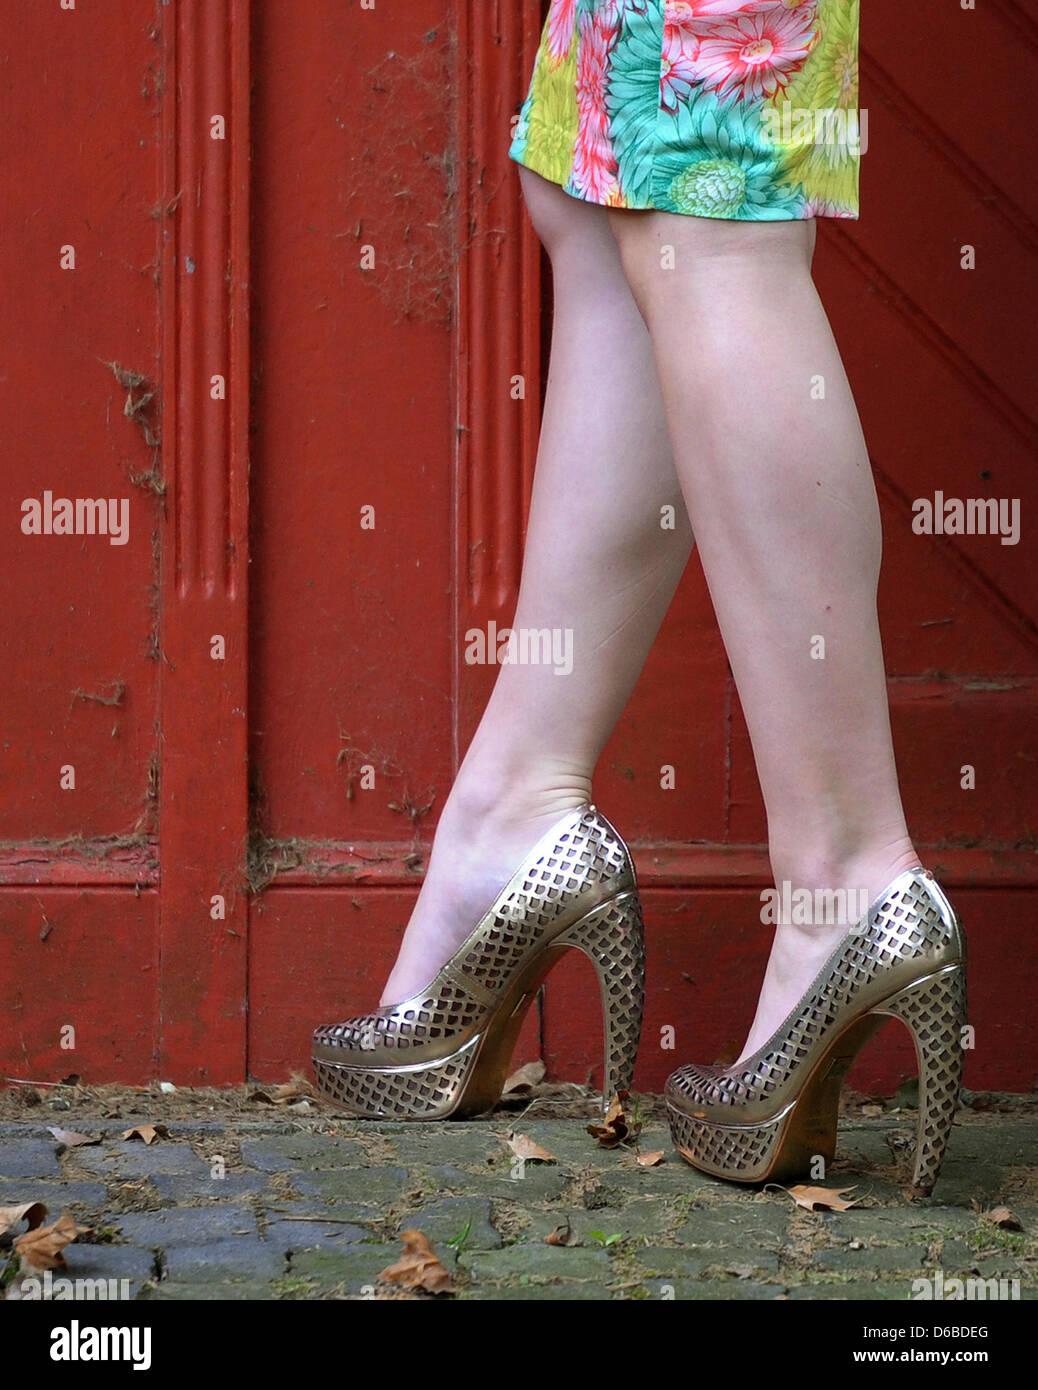 1660dc52e75f79 August 2012. Vom 05. bis 7. September 2012 der Schuh messen GDS und Global  Shoes präsentieren die Schuh-Mode-Trends für Frühjahr Sommer 2013.